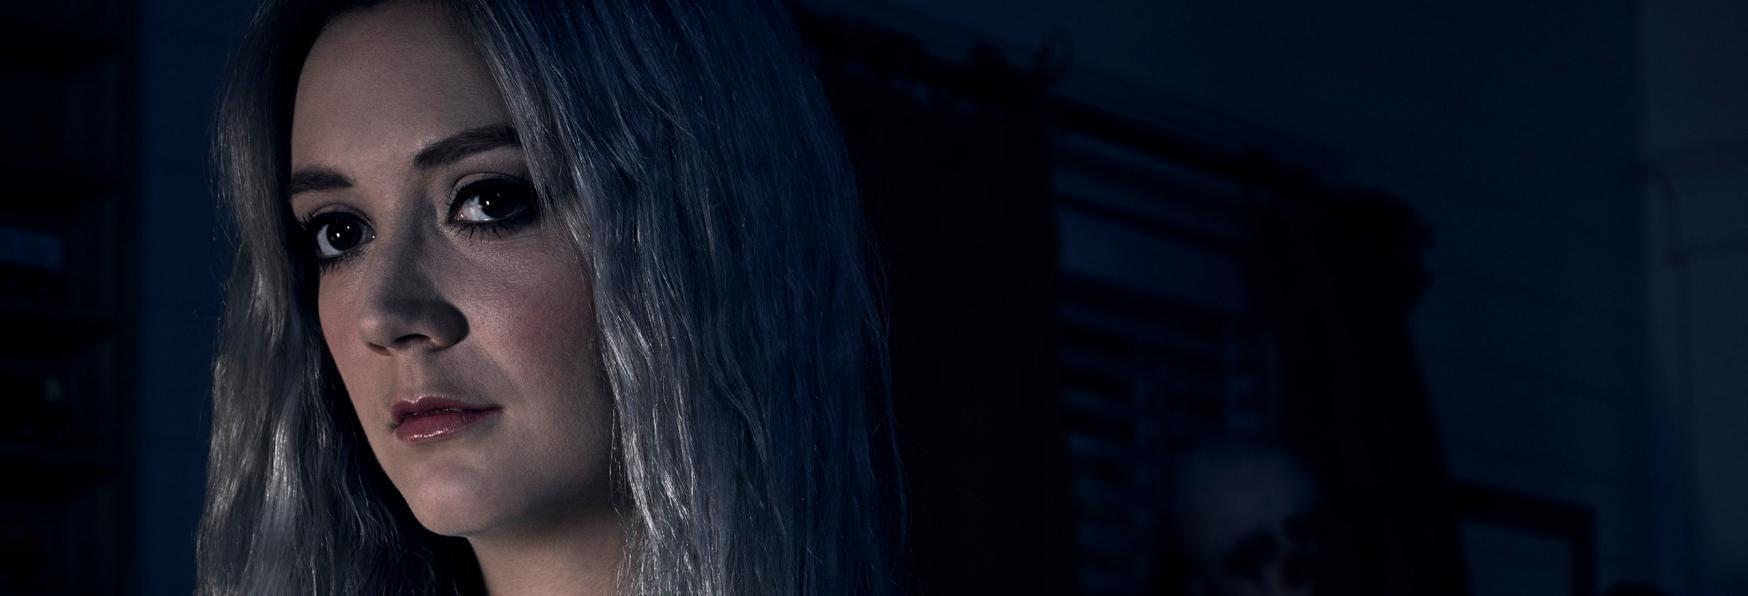 American Horror Story 10: La Nuova Stagione inizierà con le Riprese a Ottobre